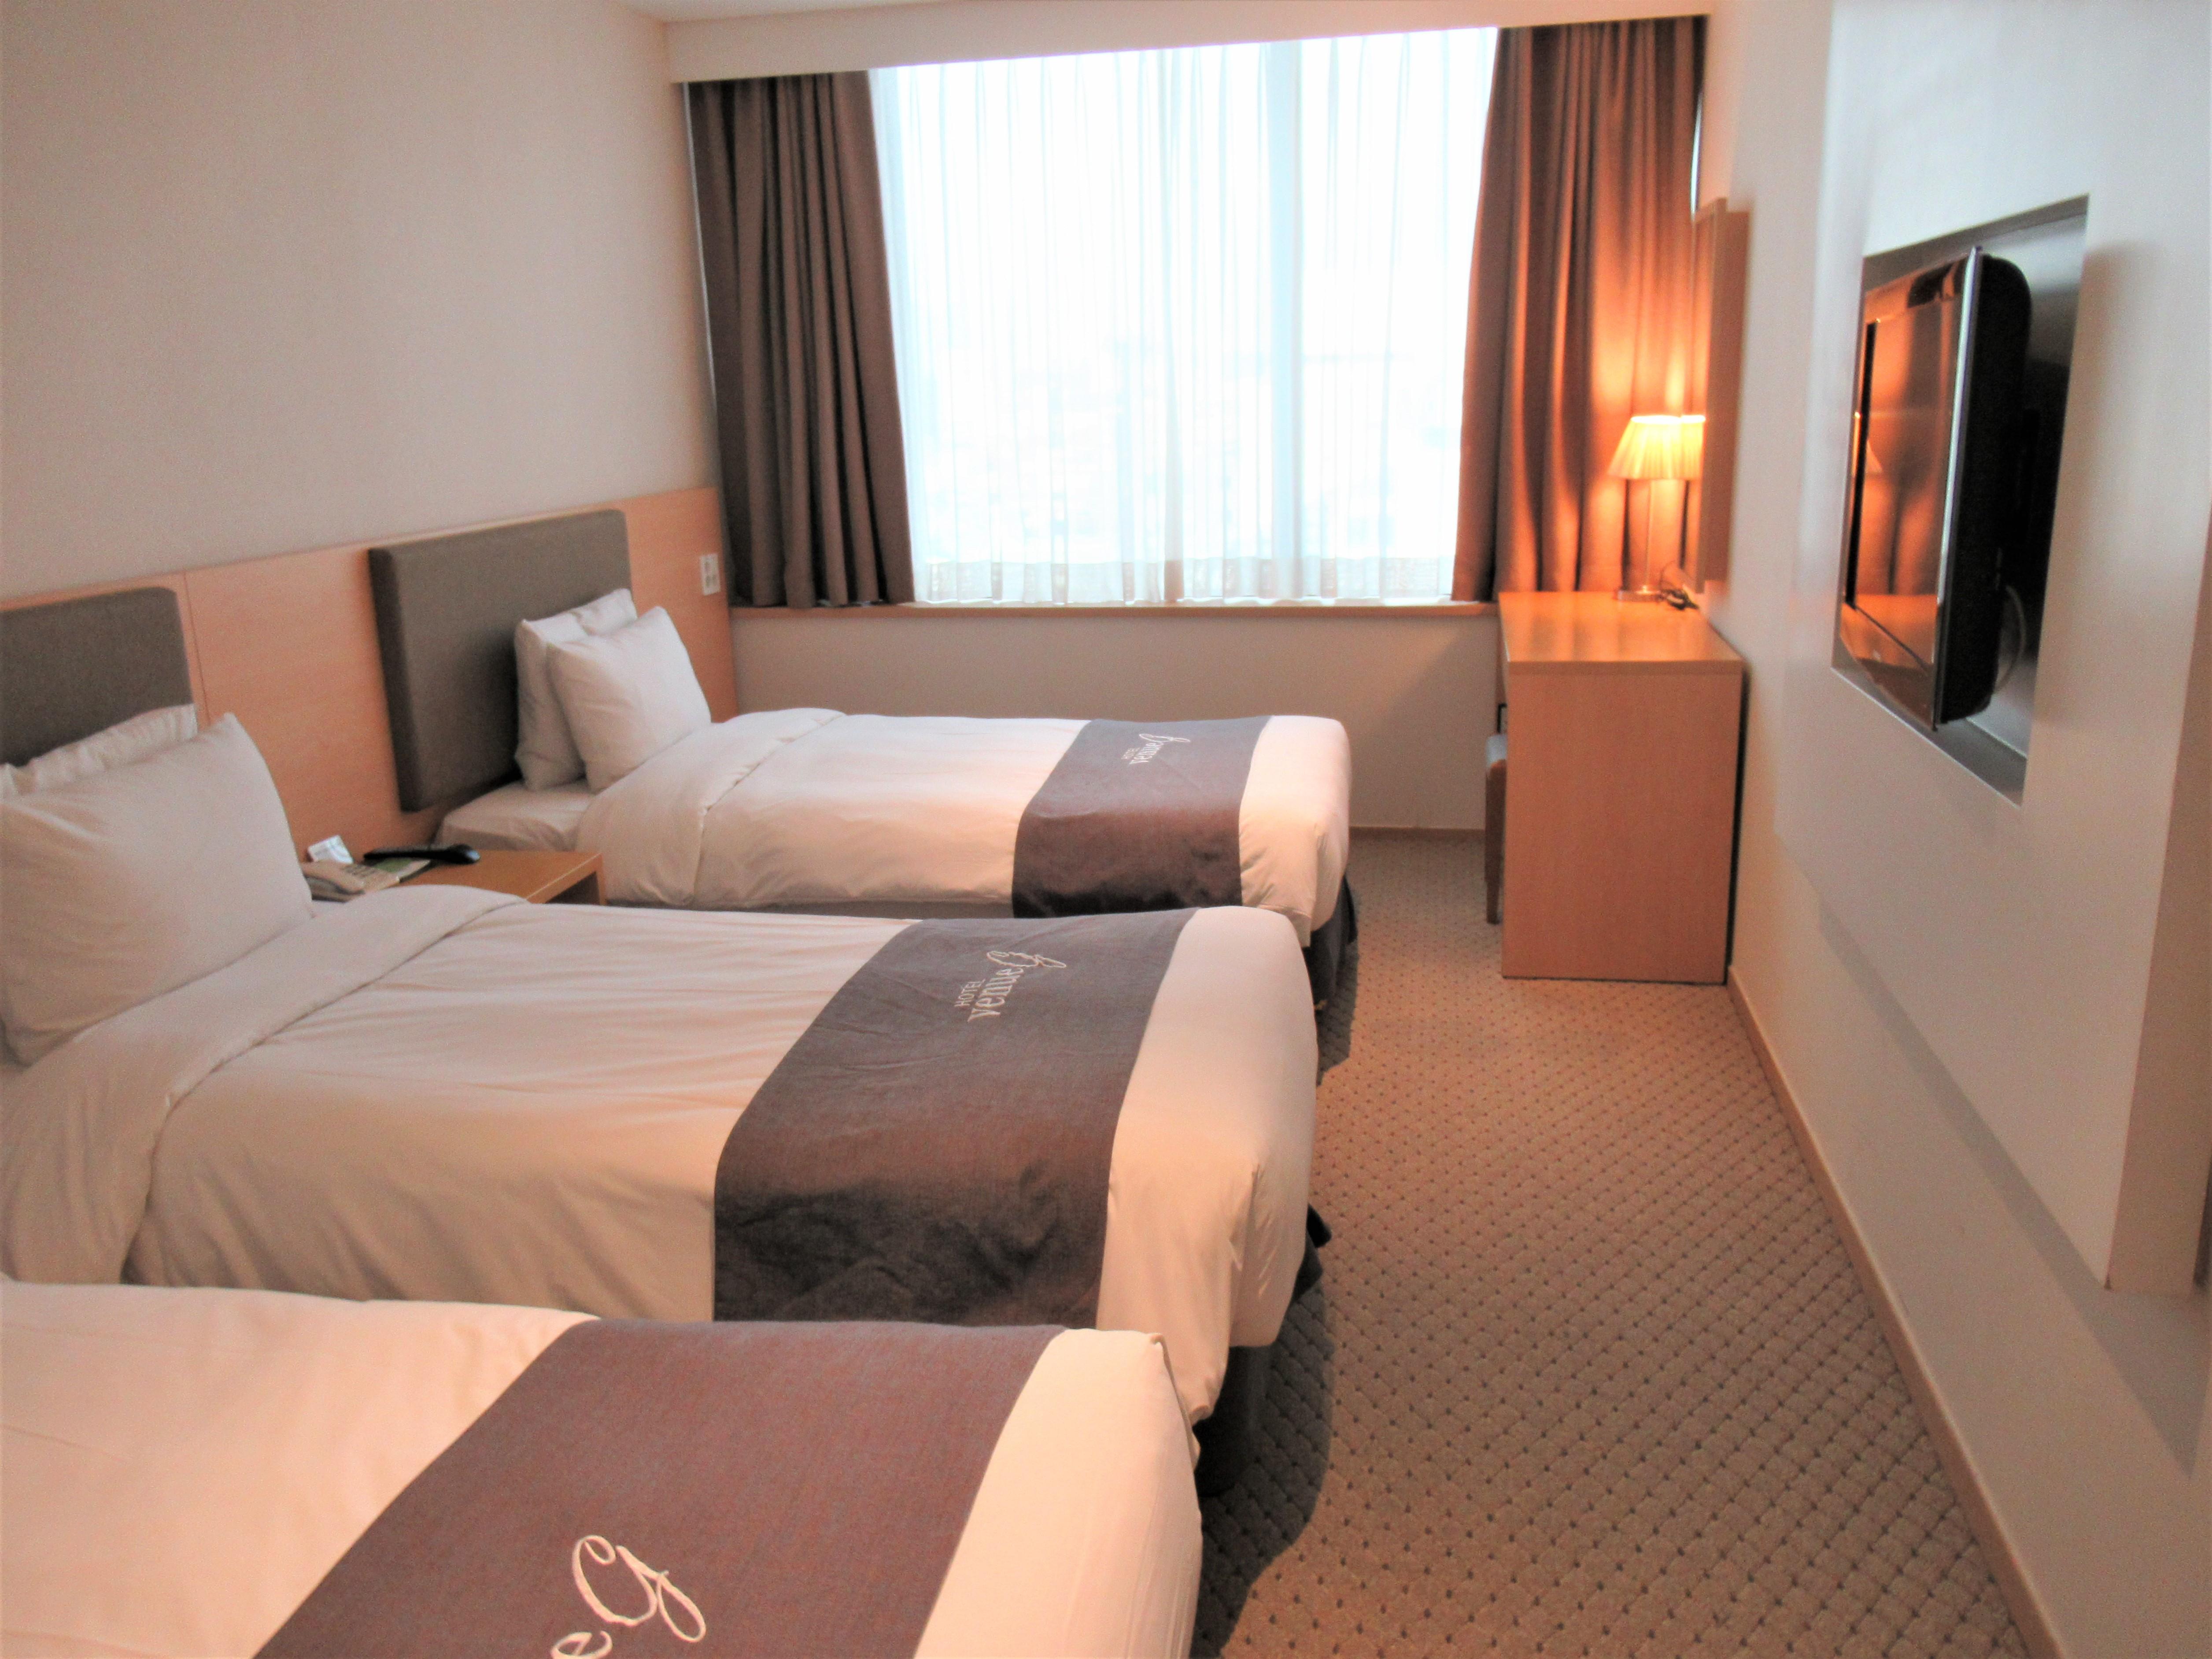 【韓国女子旅】友人と宿泊するなら必要な持ち物4選!1部屋に1個あれば安心♪|韓国ブログ旅